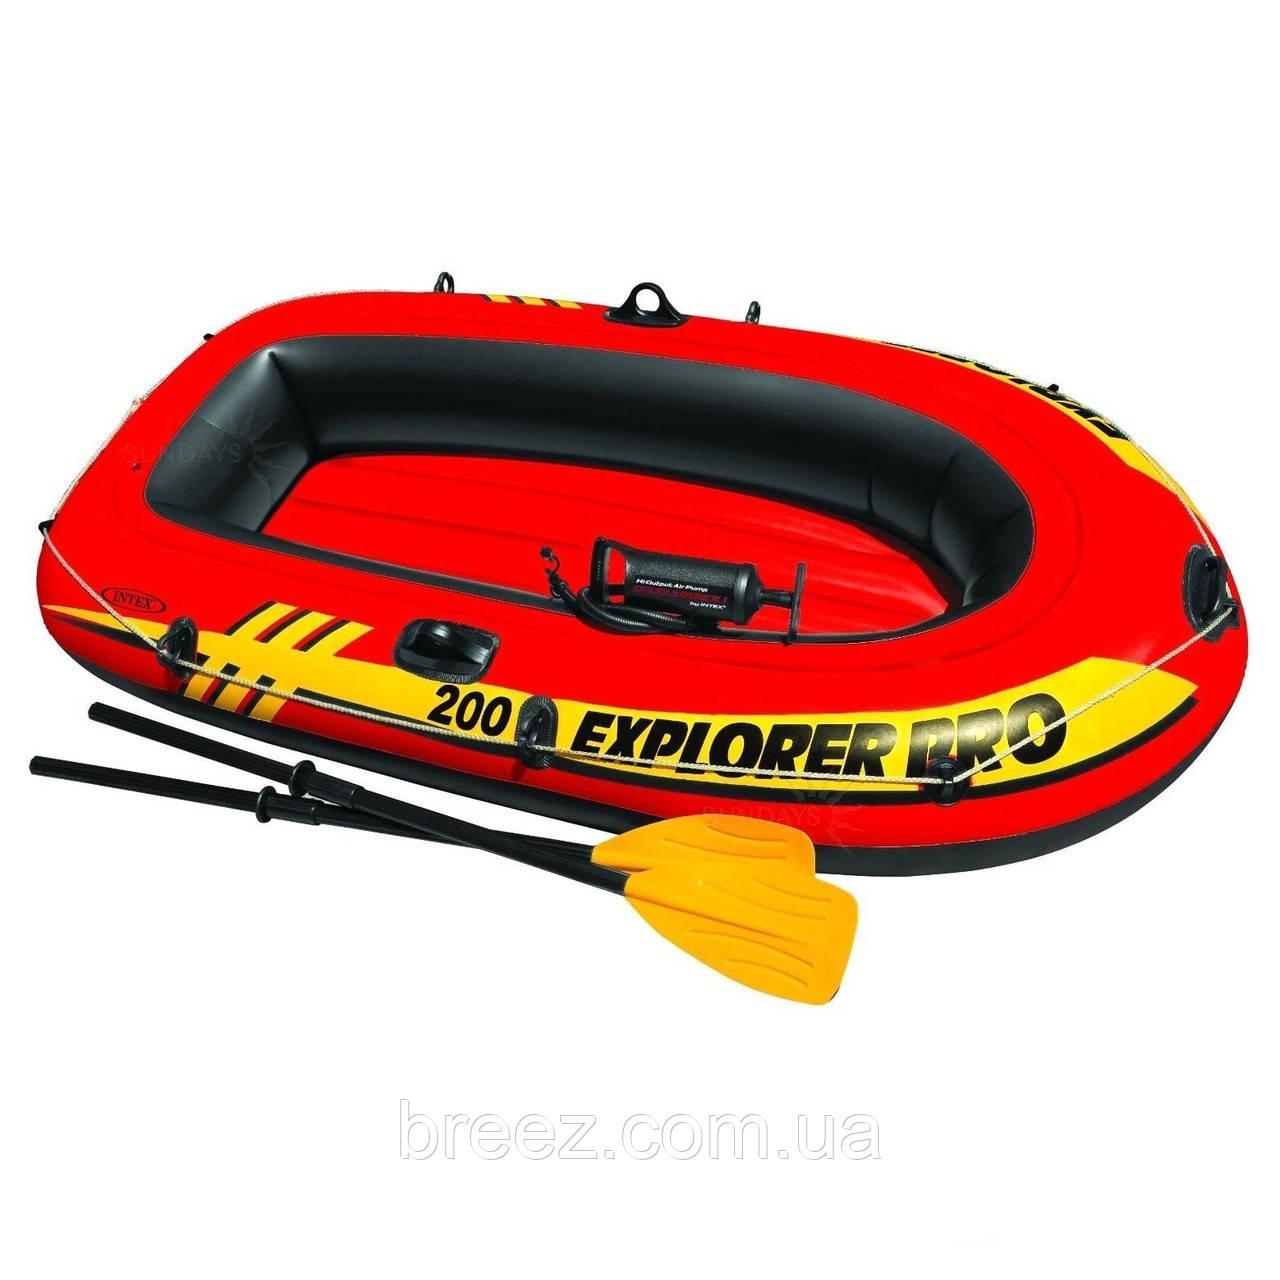 Полутораместная надувная лодка Intex 58357 Explorer Pro 200 Set, 196 х 102 х 33 см